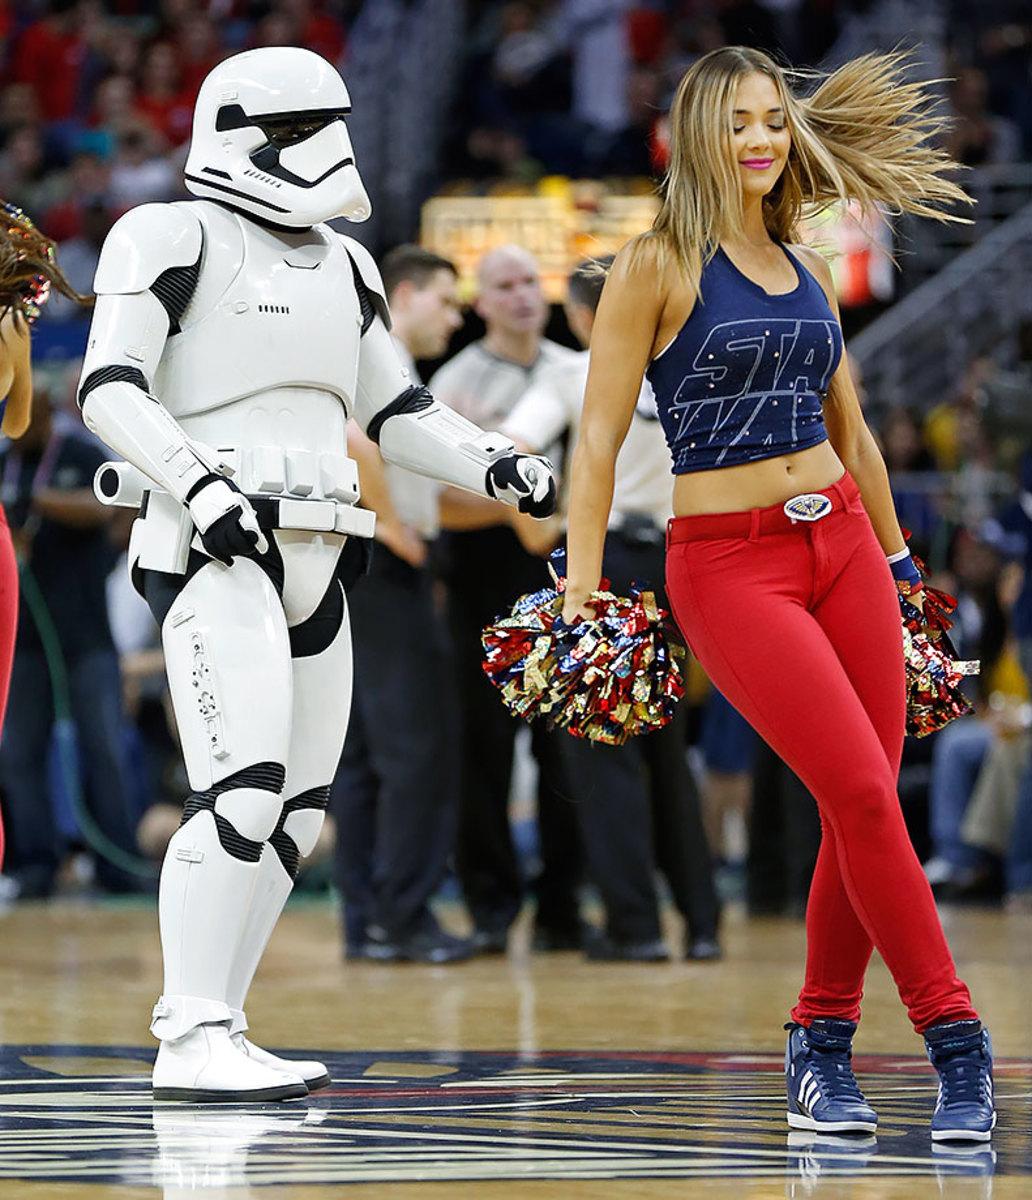 2015-1211-New-Orleans-Pelicans-dancers-Star-Wars-stormtrooper.jpg